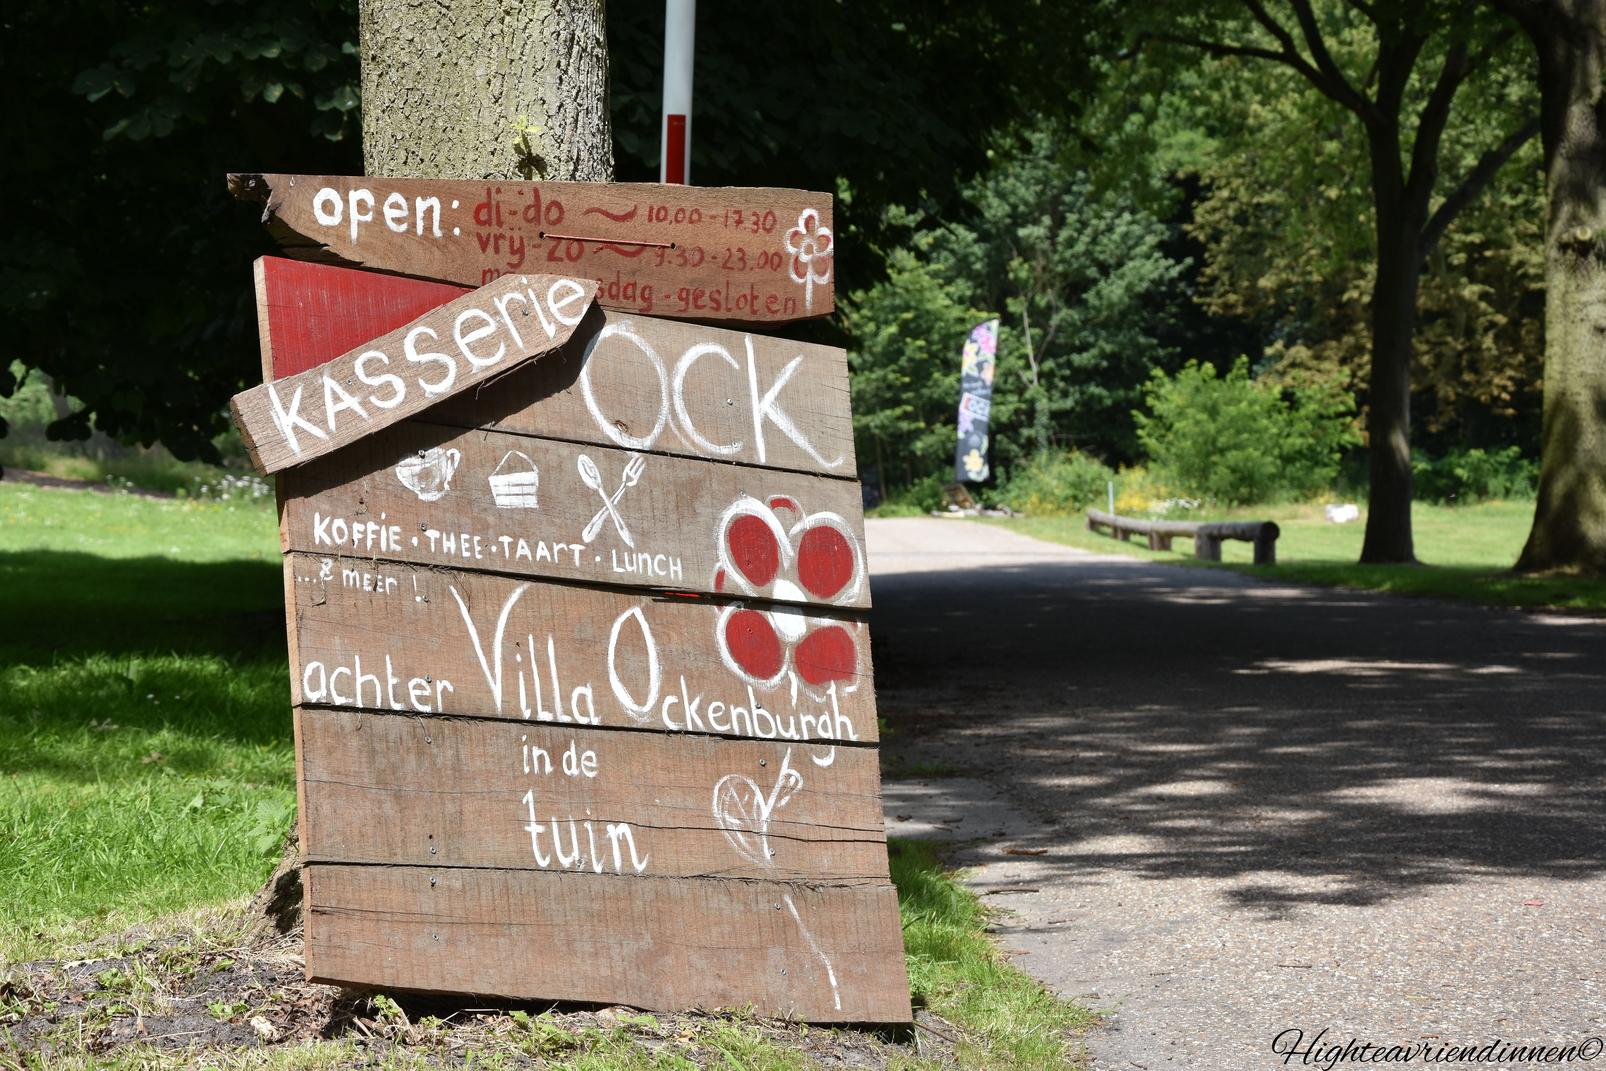 OCK, Villa Ockenburg, Landgoed Ockenburg, high tea vriendinnen